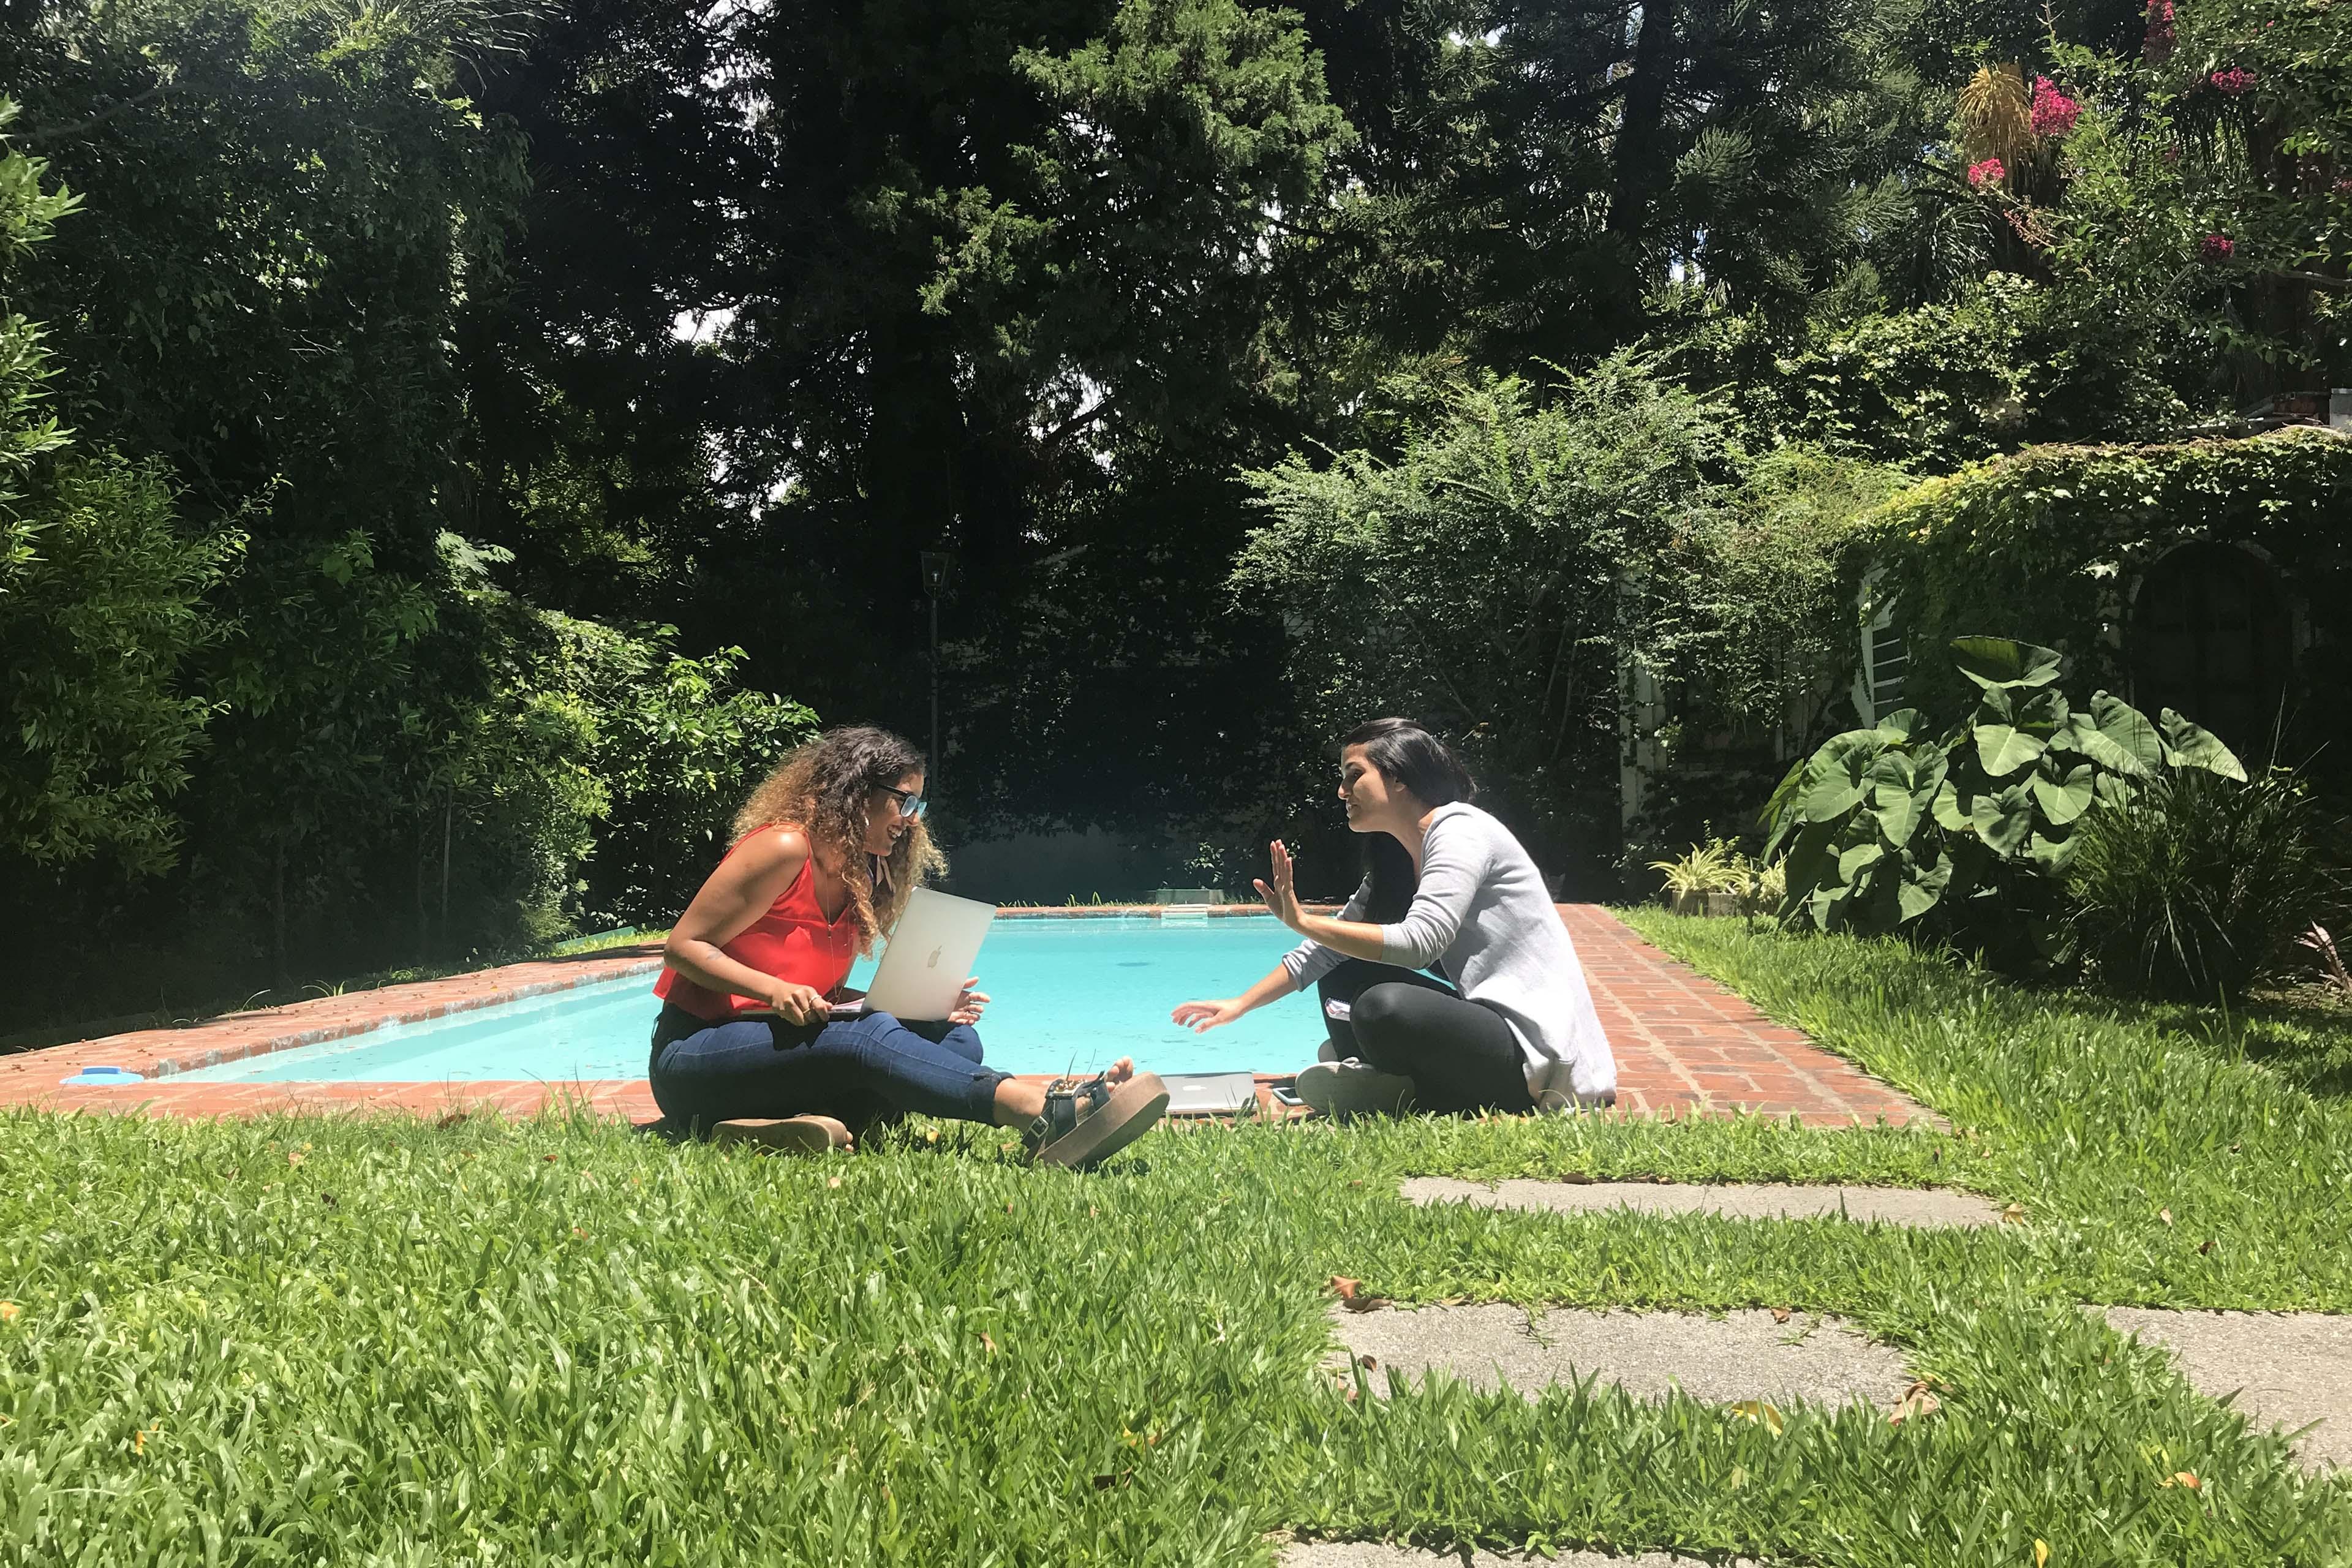 Dos chicas conversando sentadas en el suelo al lado de una piscina